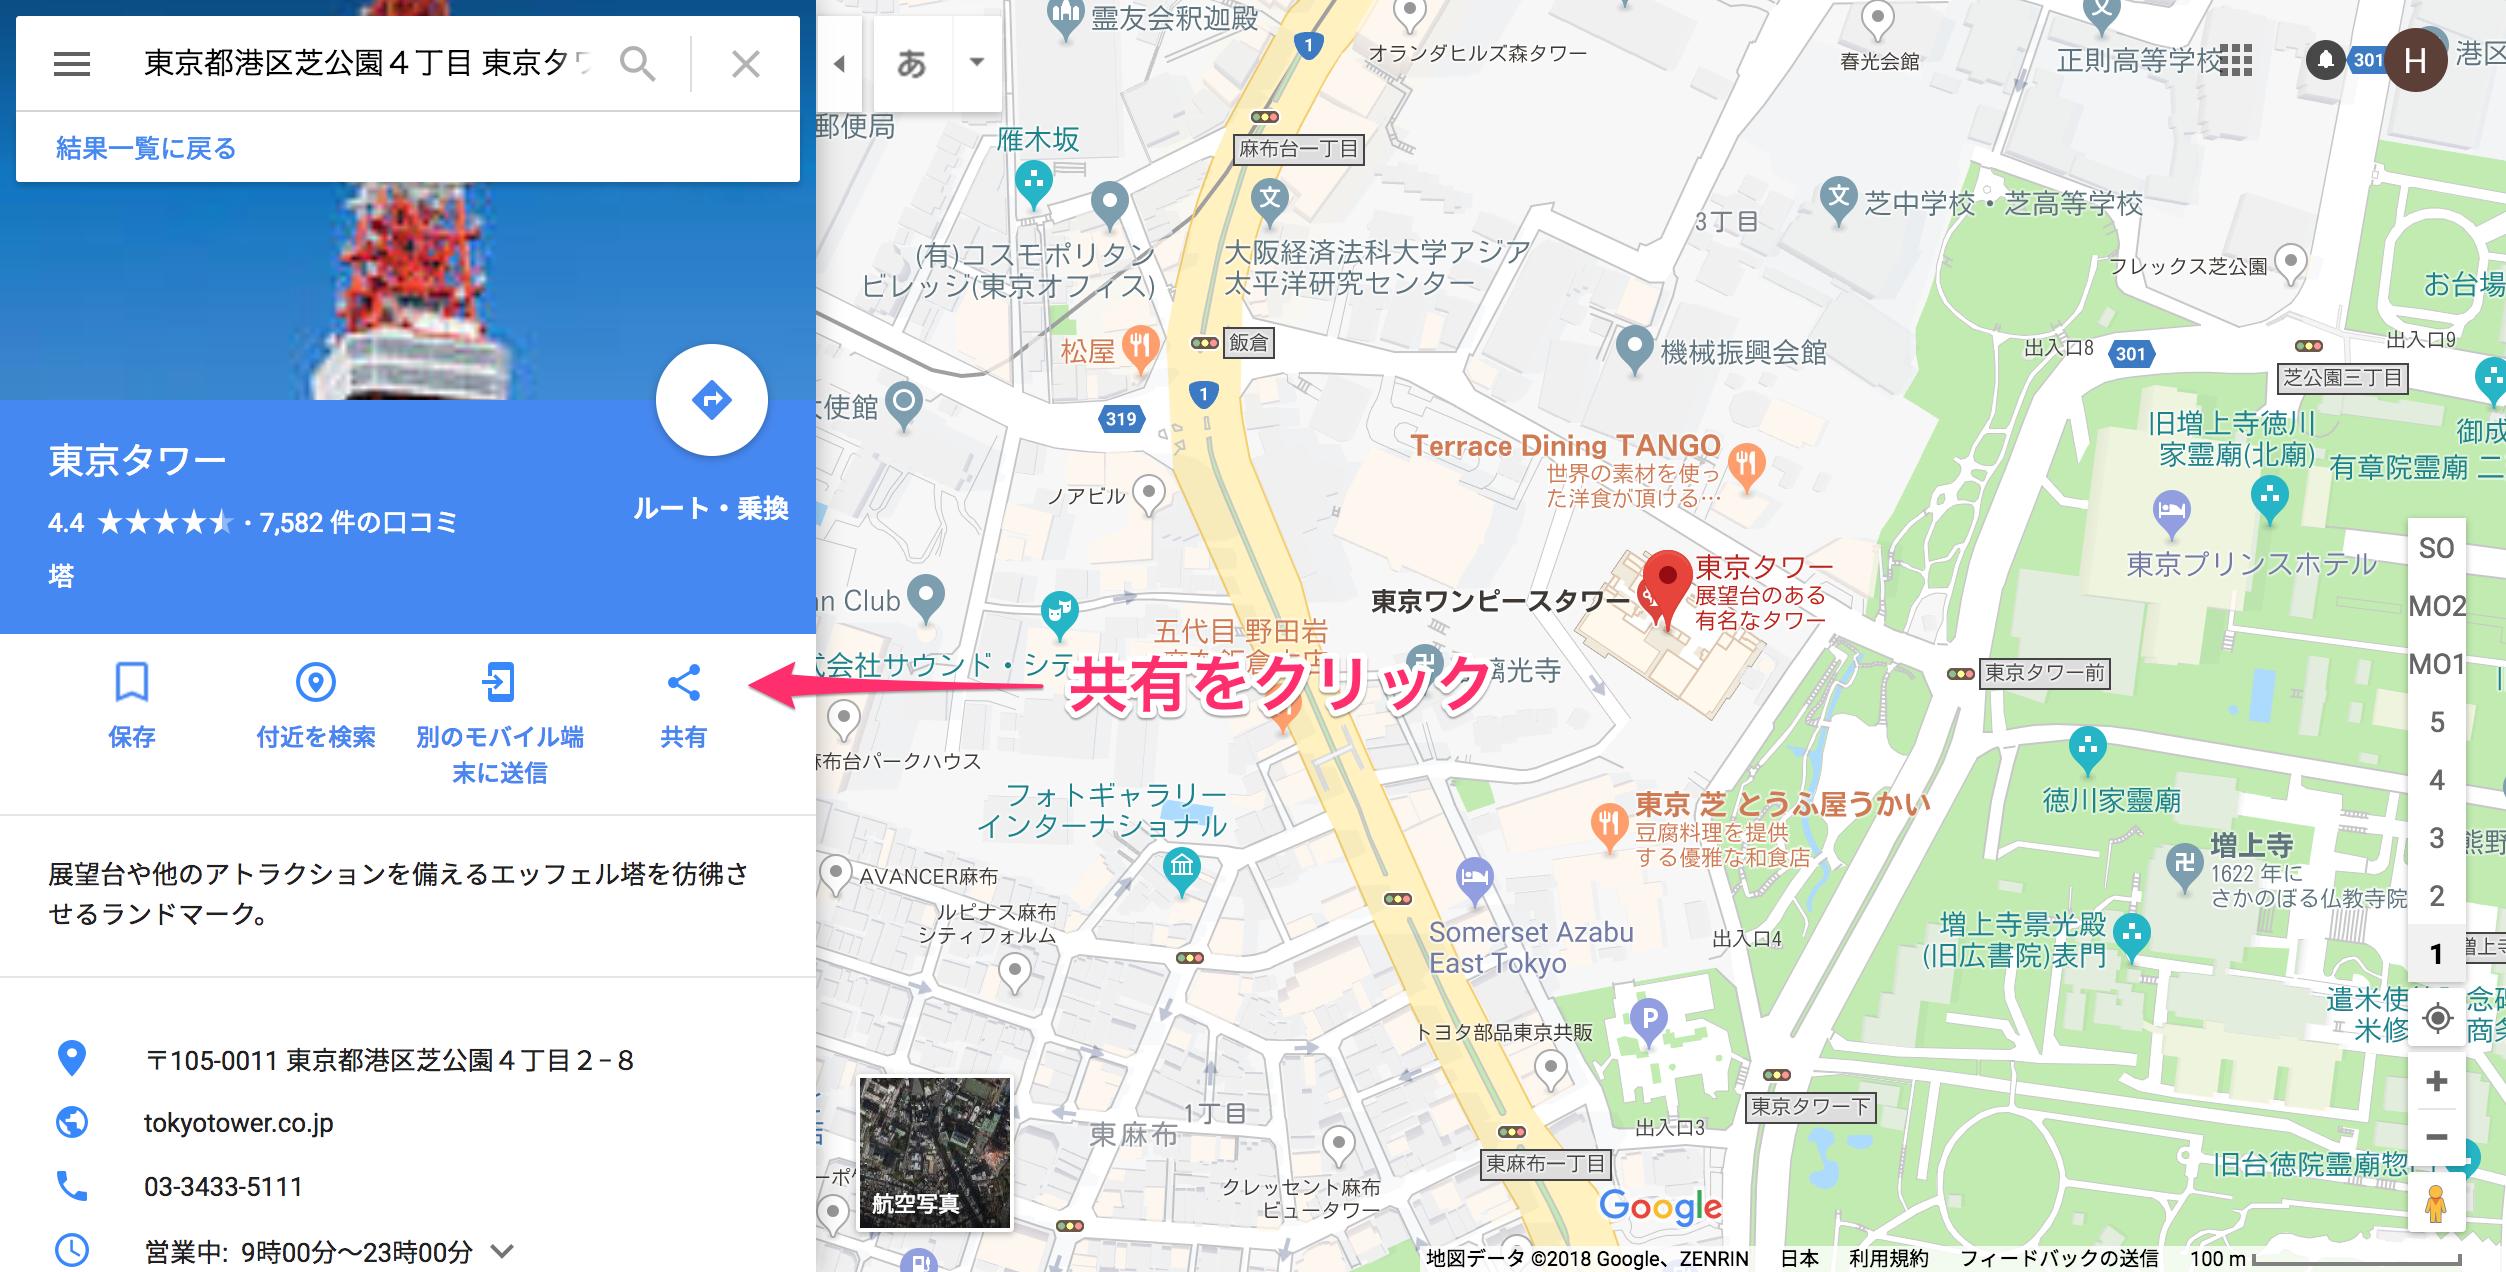 FireShot_Capture_9_-_東京タワー_-_Google_マップ__-_https___www_google_co_jp_maps_place.png